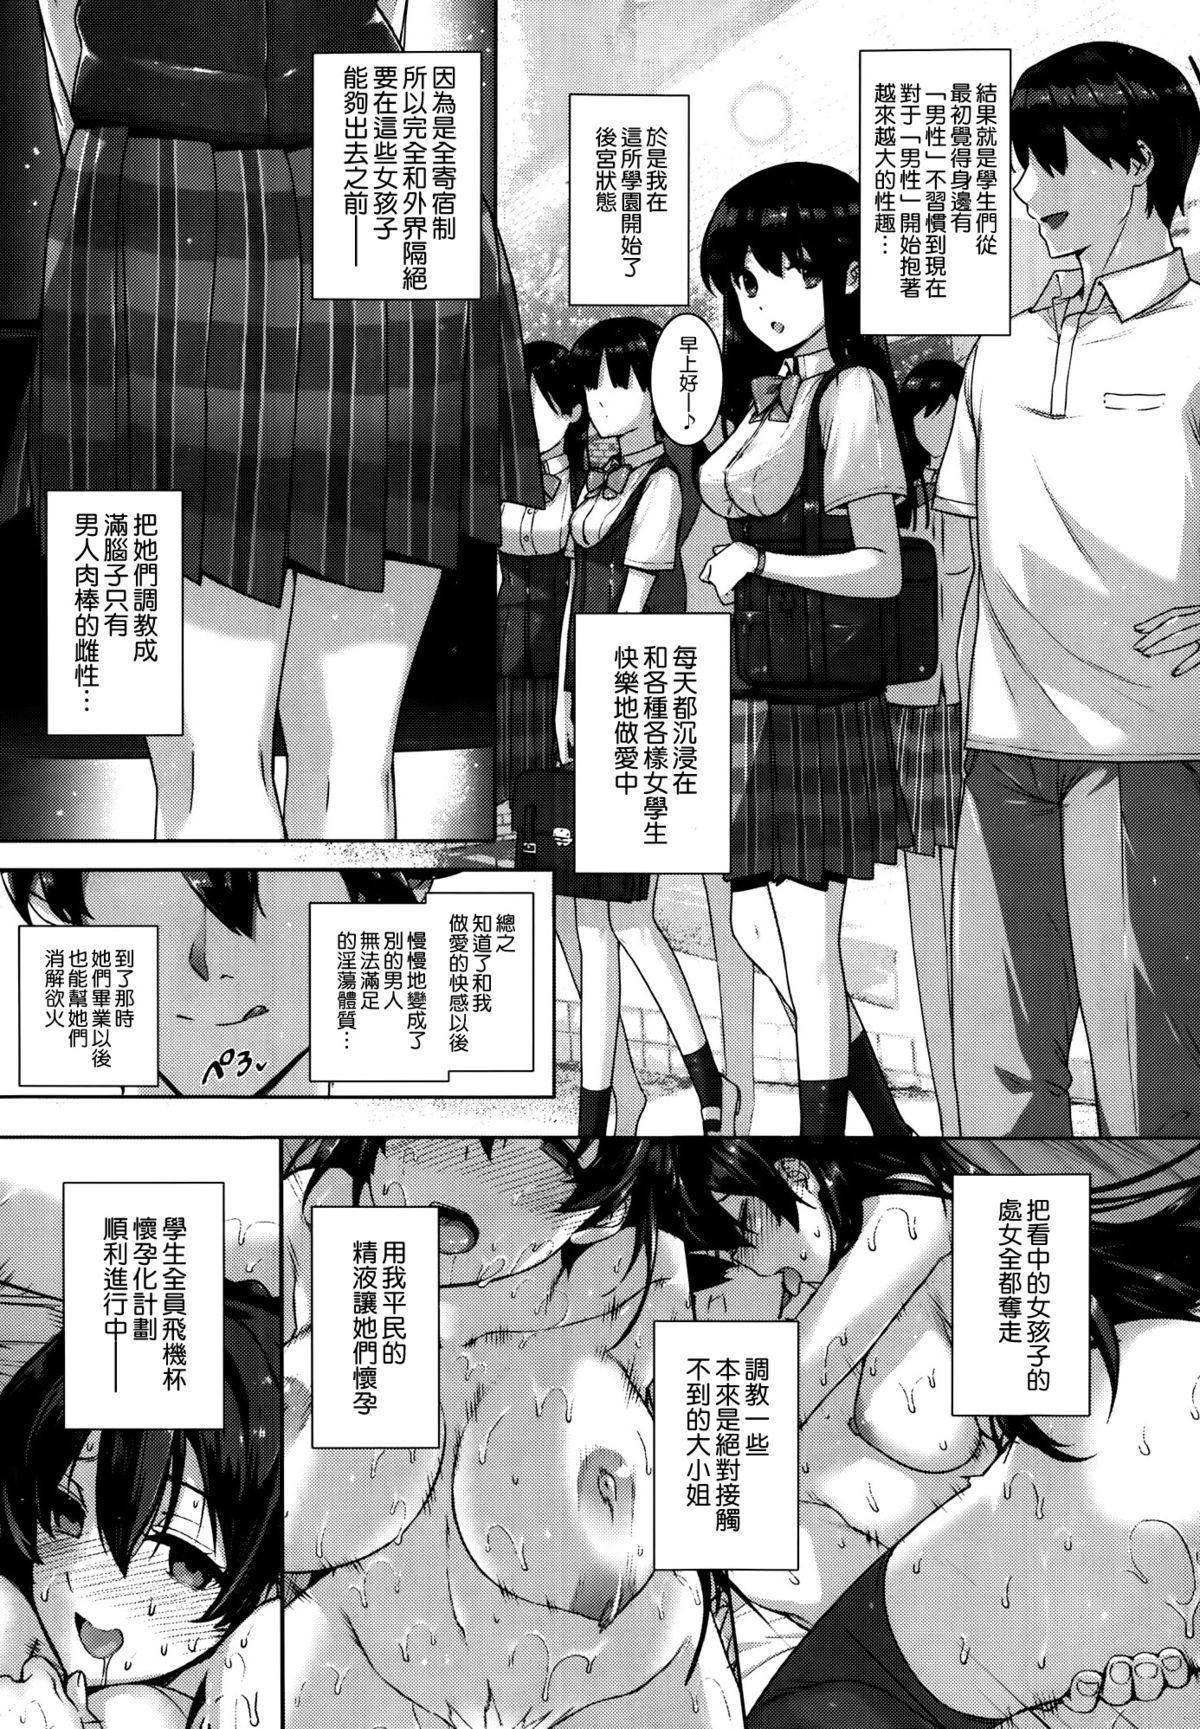 Amatsuka Gakuen no Ryoukan Seikatsu 2